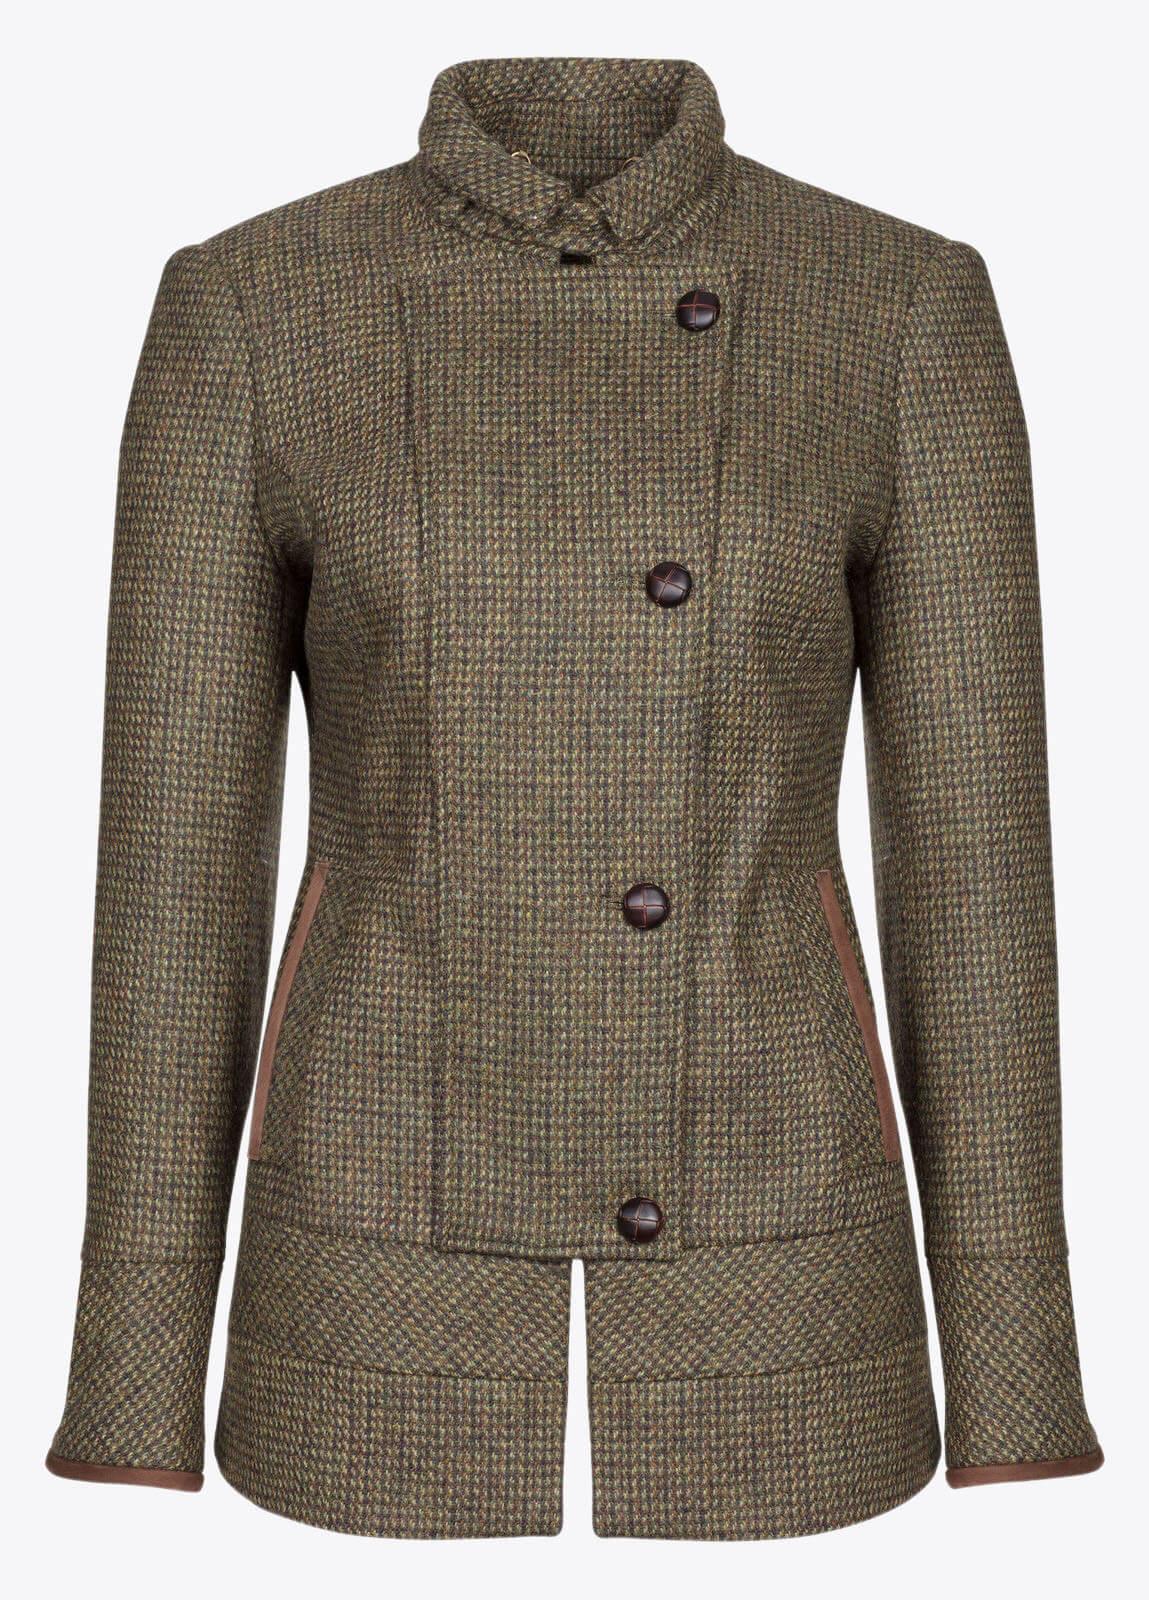 Willow Tweed Jacket - Heath